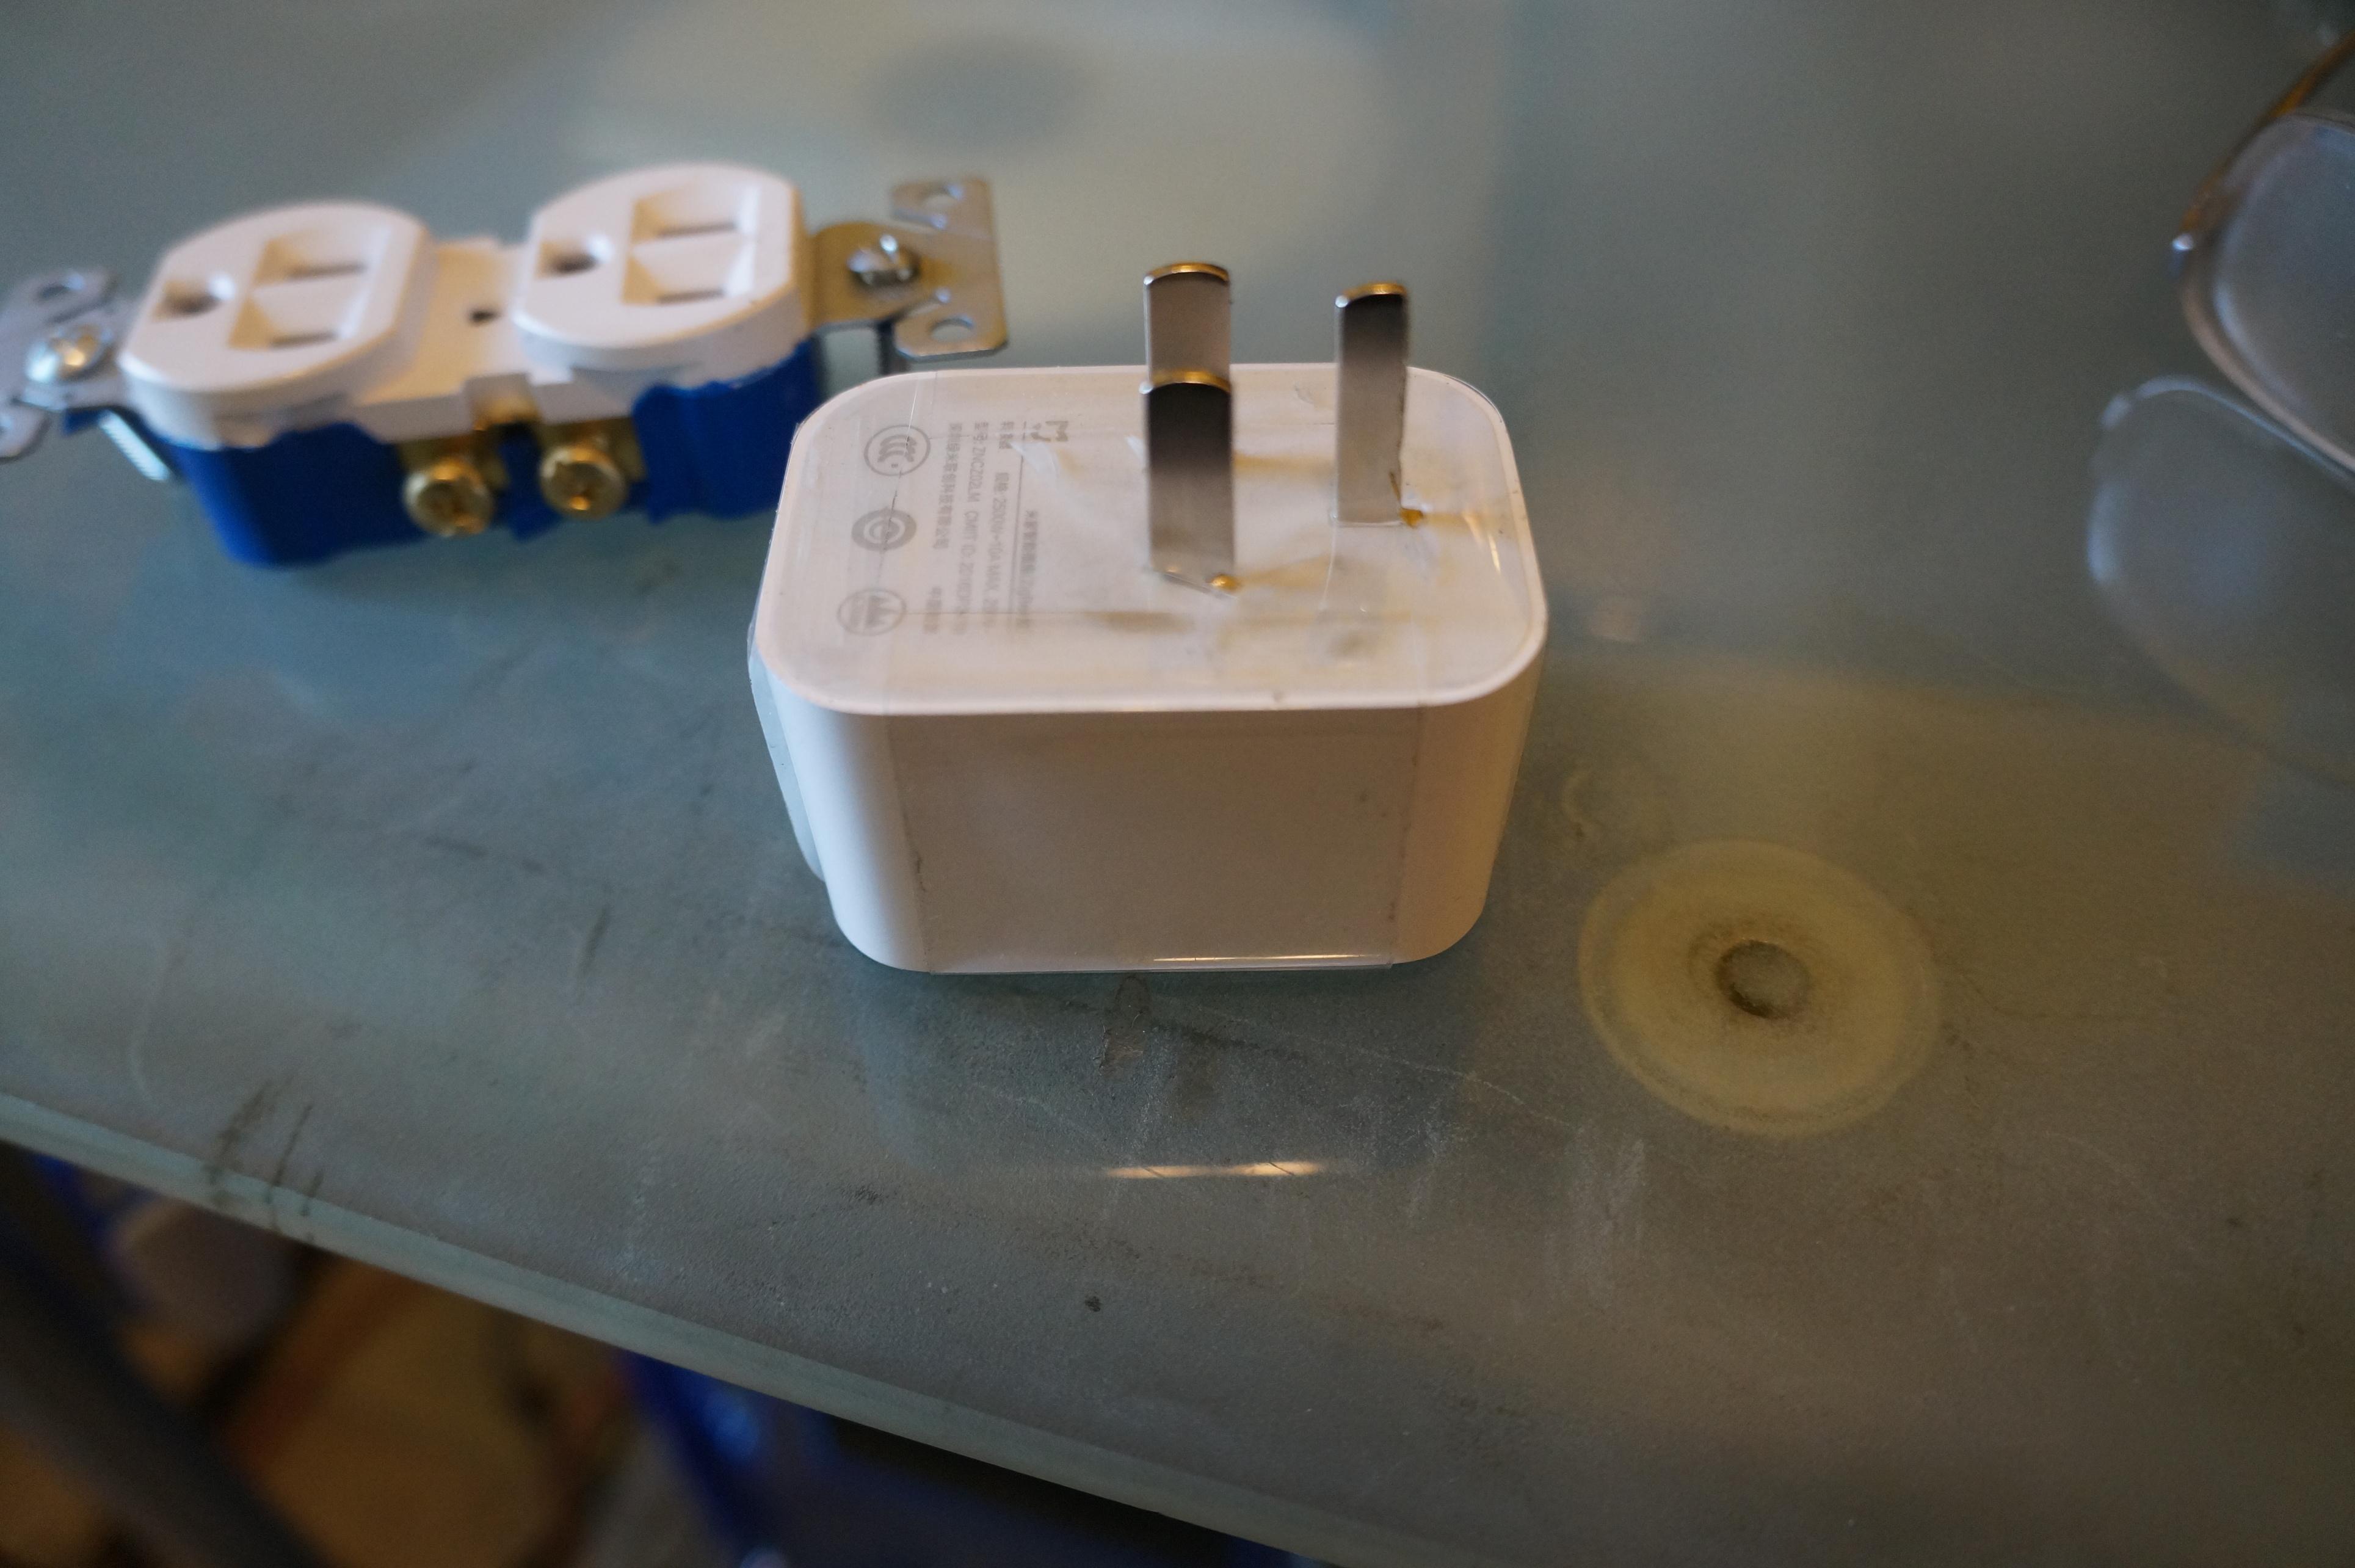 Modifying the xiaomi Zigbee plug for the N A market - Hardware